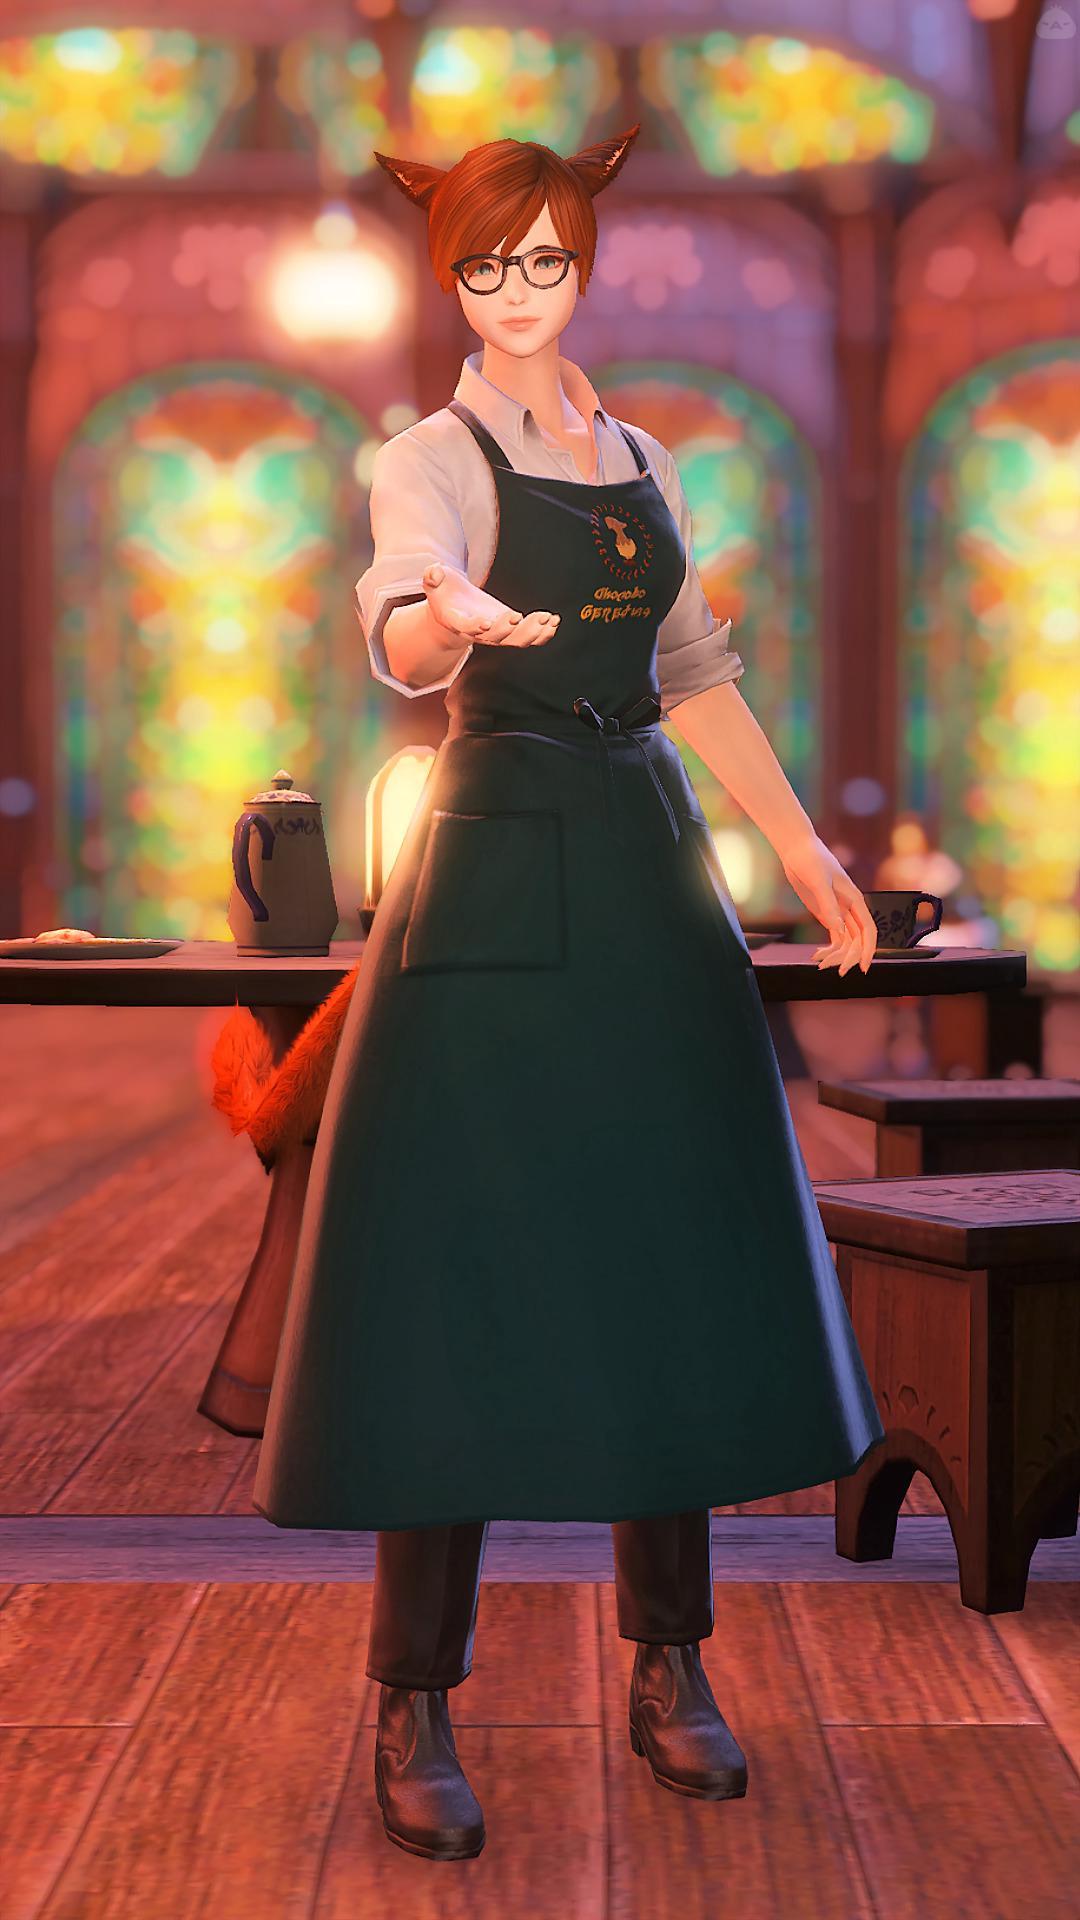 某コーヒーショップの店員さん